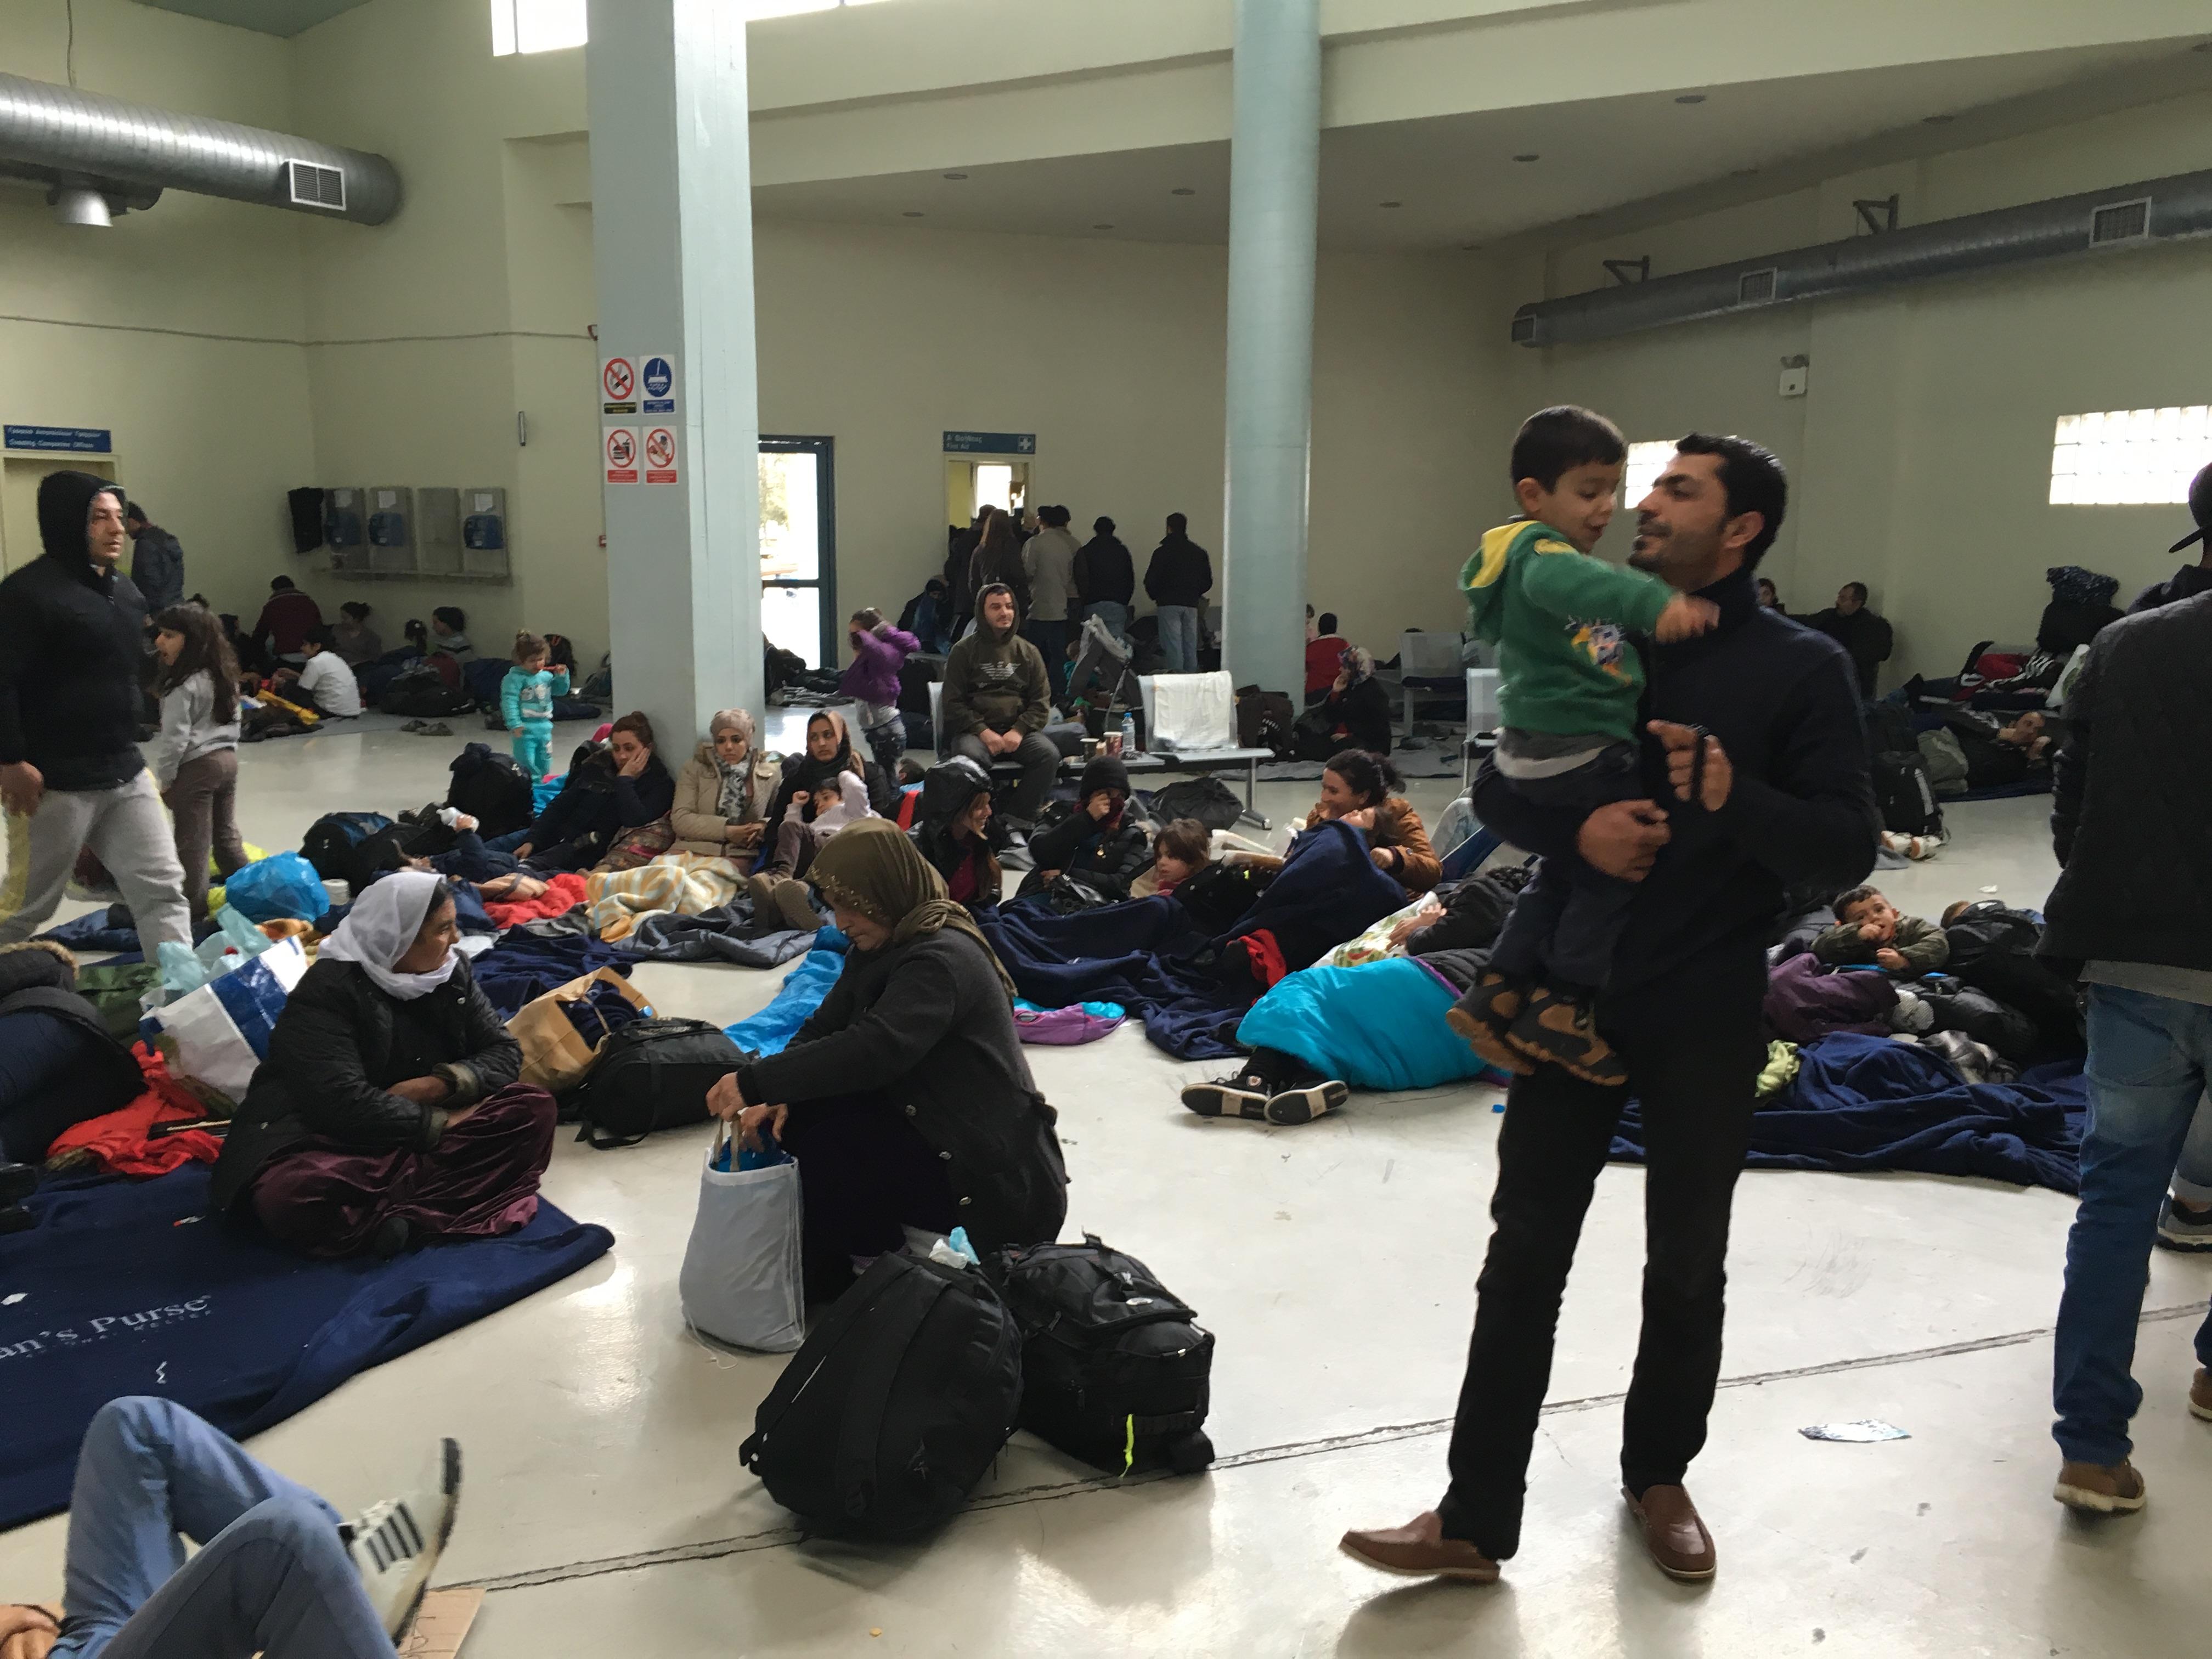 Terminal del Pireo, aquí ll egan las personas refugiadas desde las islas cuando las trasladan en ferris. Fotografía: D.P.